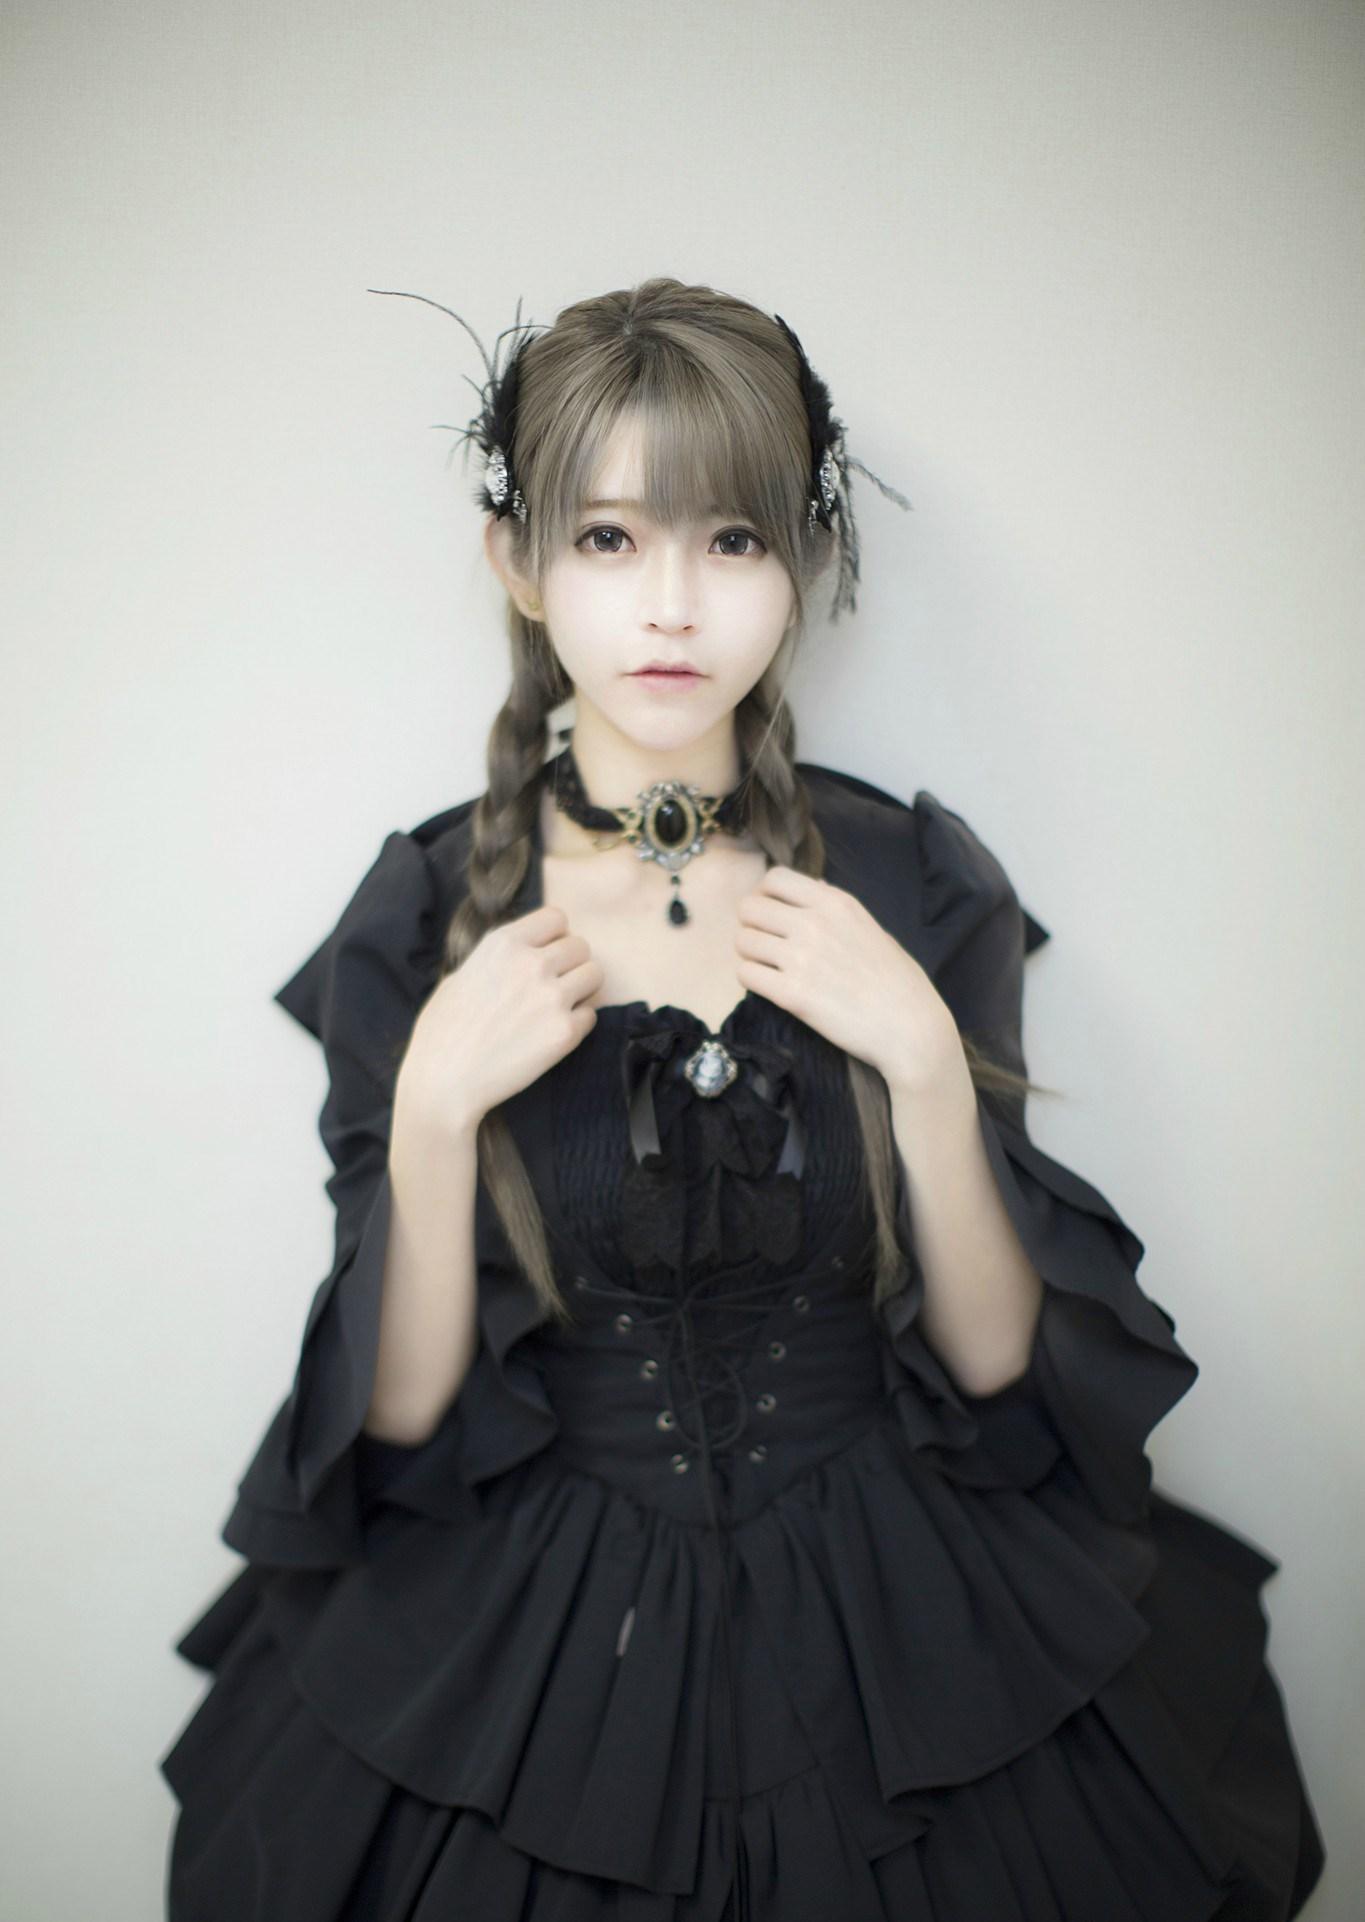 【兔玩映画】Yurisa 兔玩映画 第115张